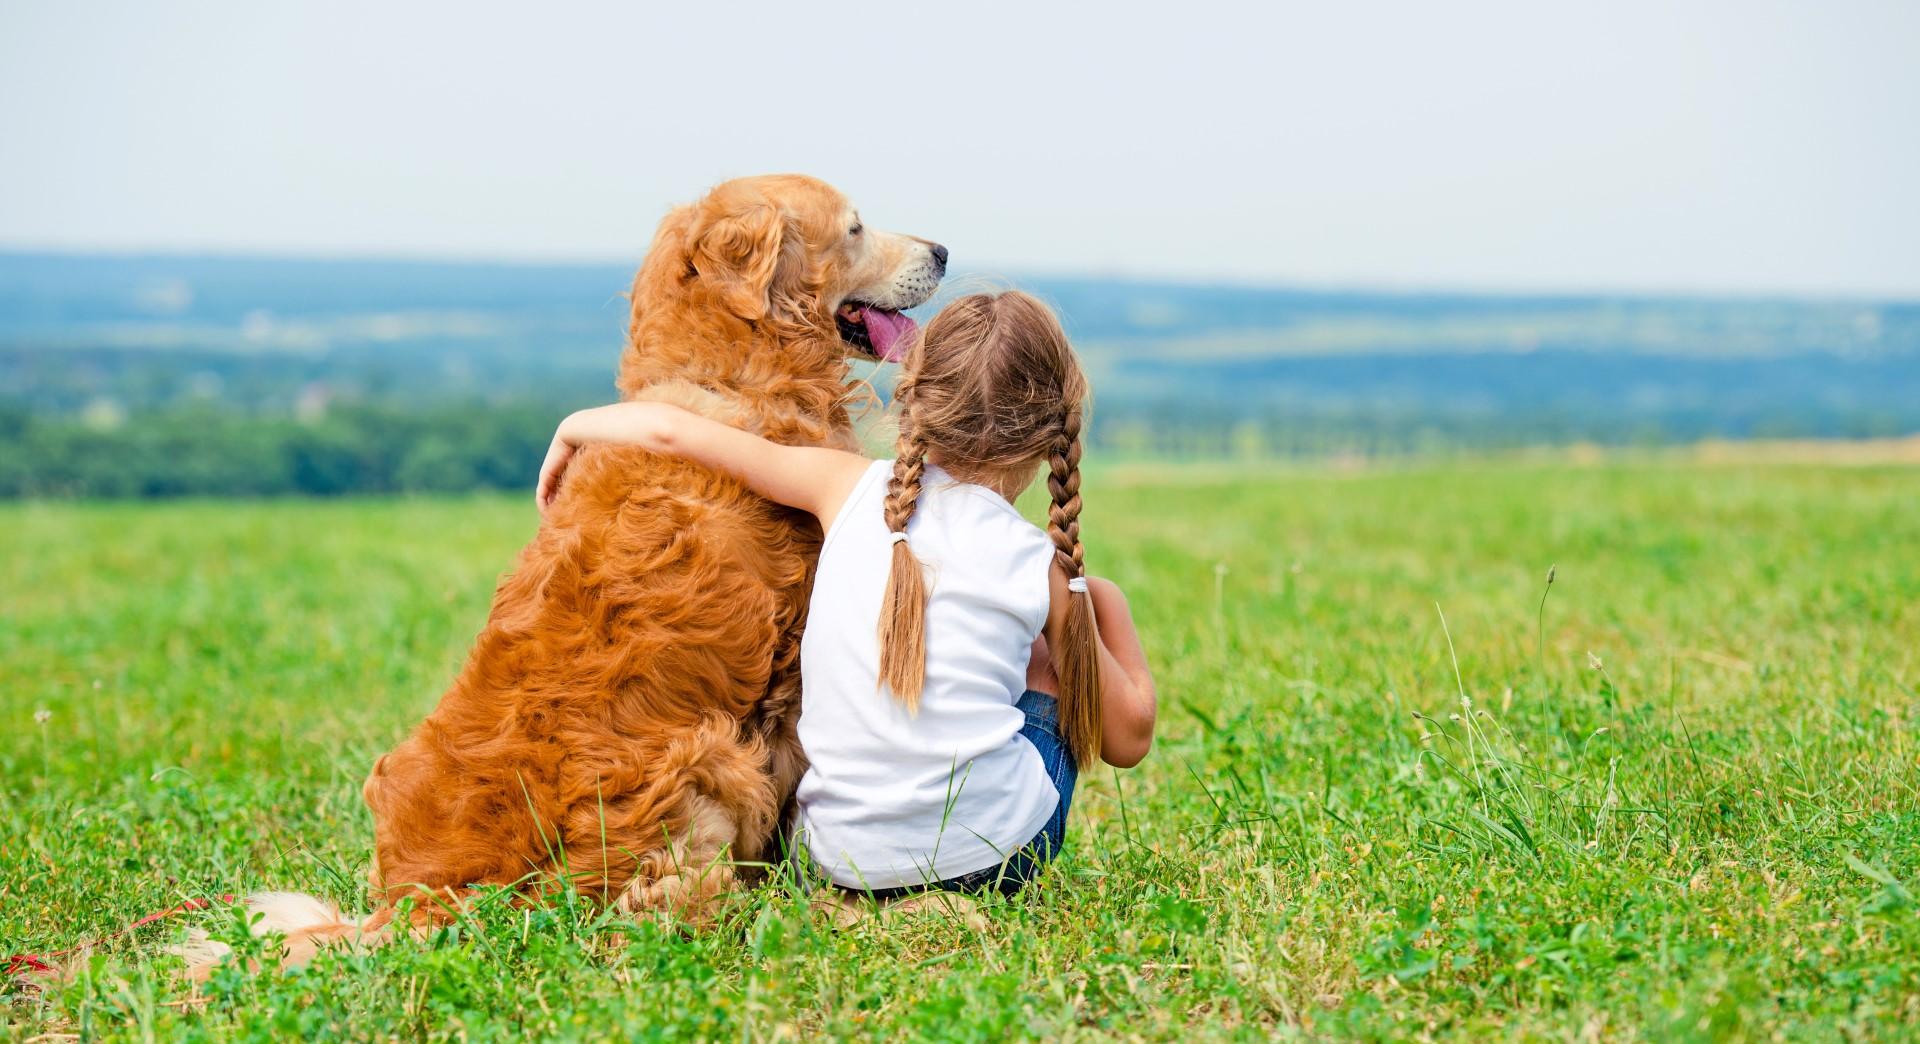 Պետք է ընտրել այնպիսի ցեղատեսակի շան, որը հեշտությամբ է շփվում երեխաների հետ